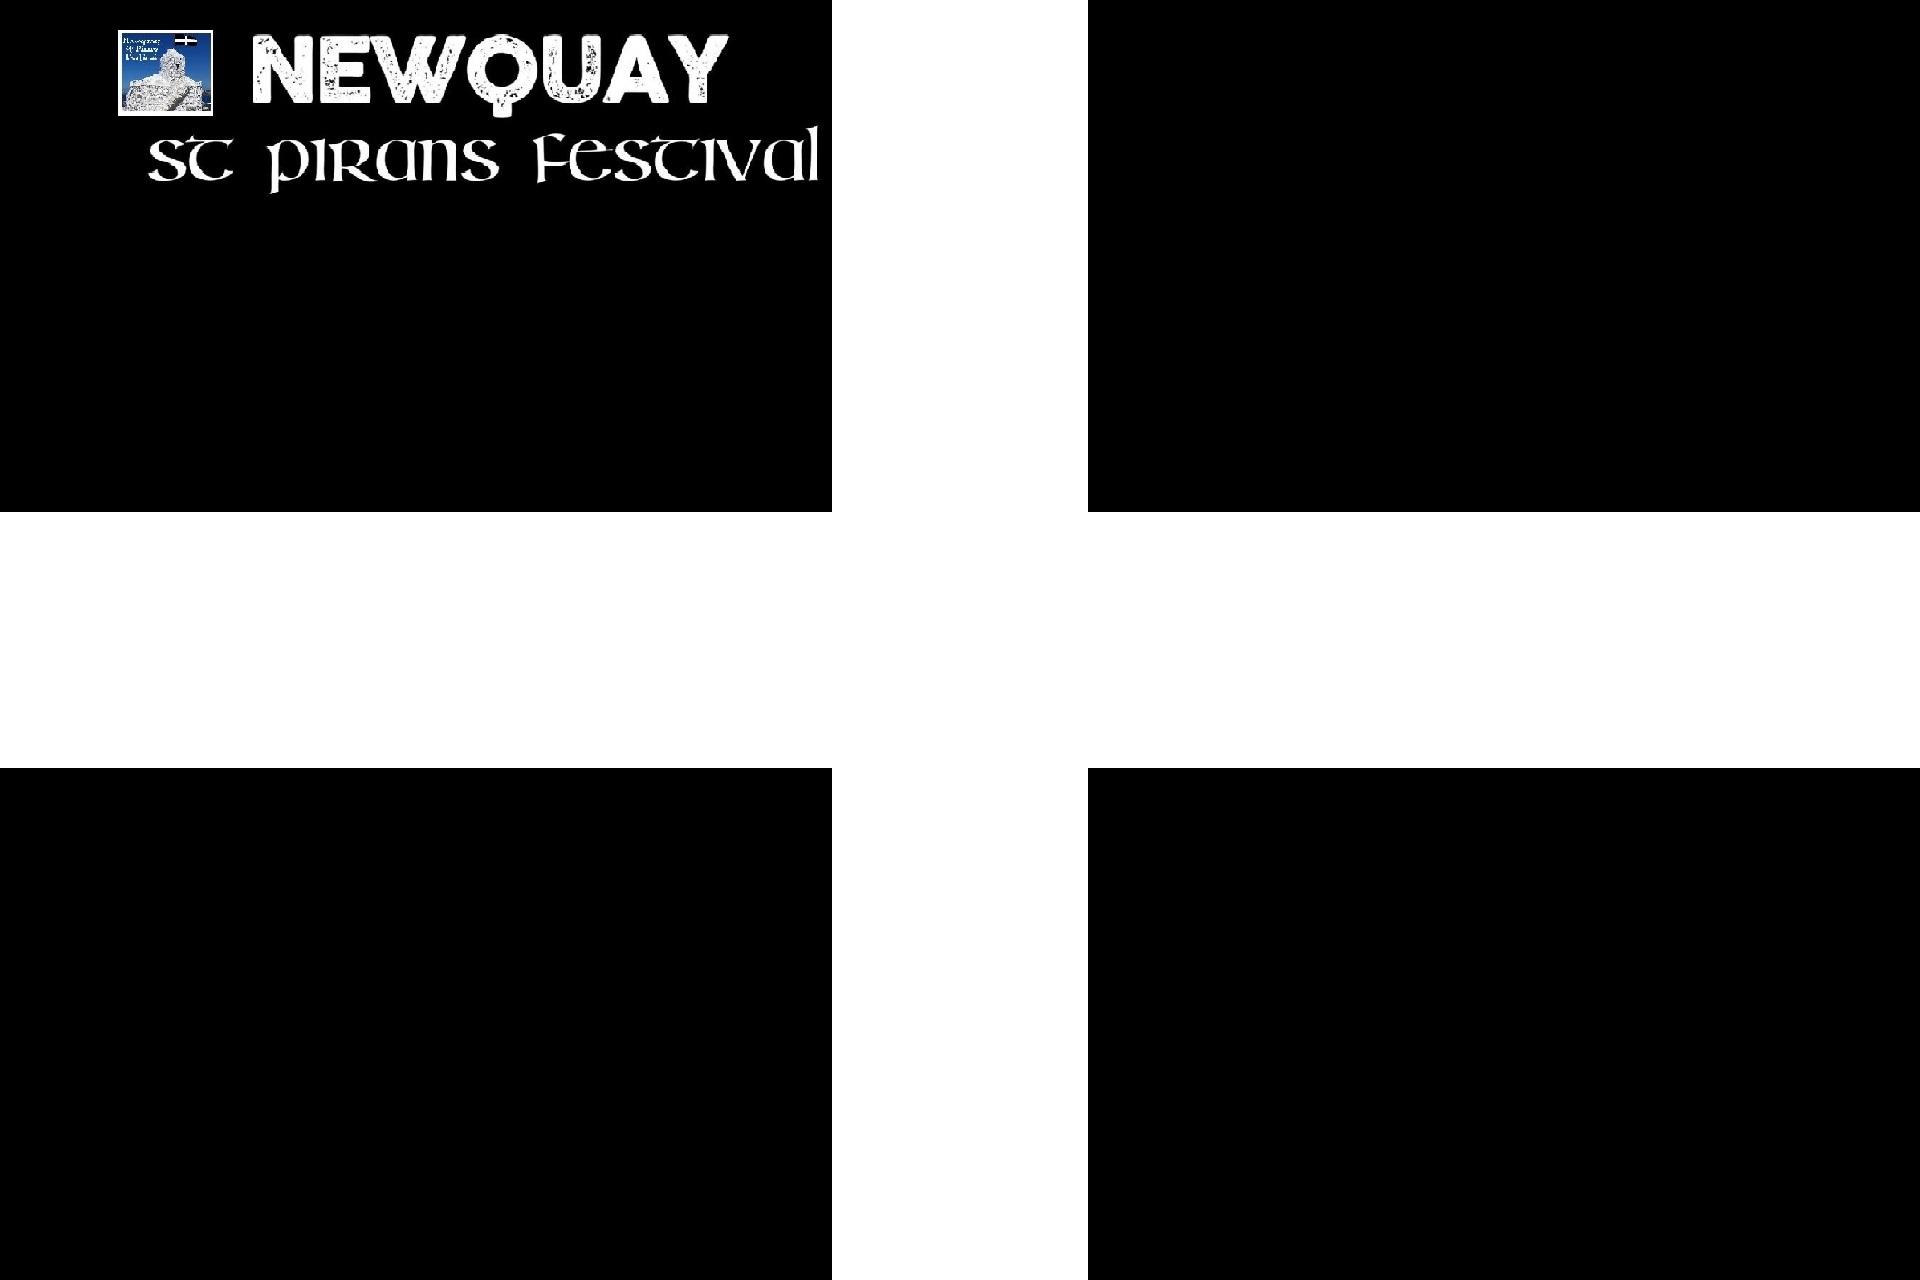 Baner Sen Peran - 'Newquay St Piran's Festival'